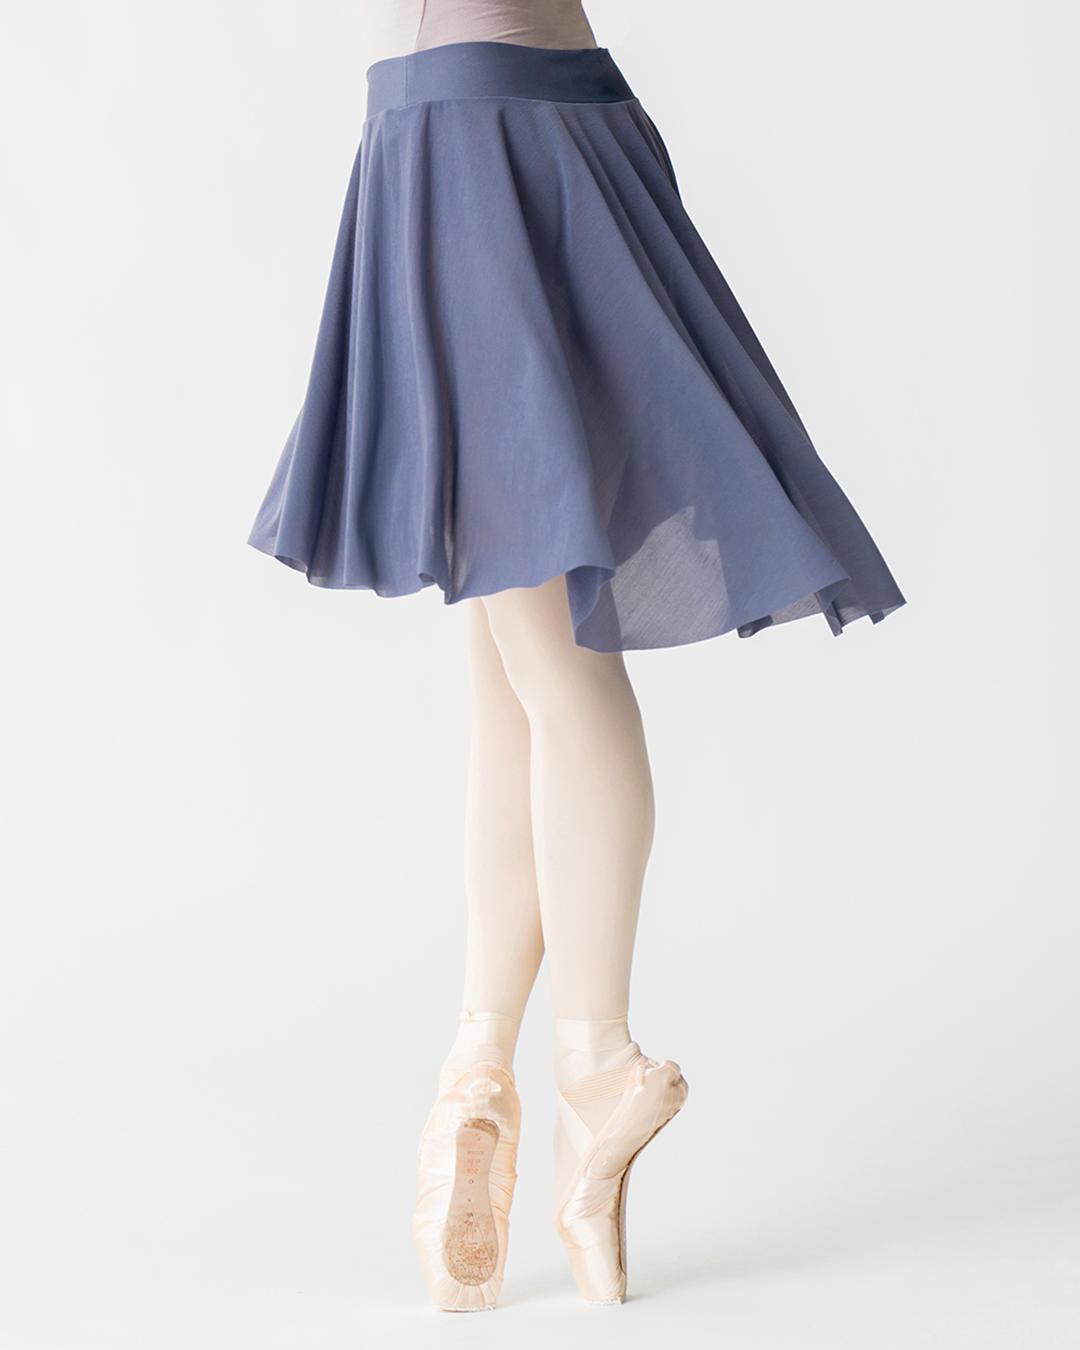 1002_ballet_new_12.jpg